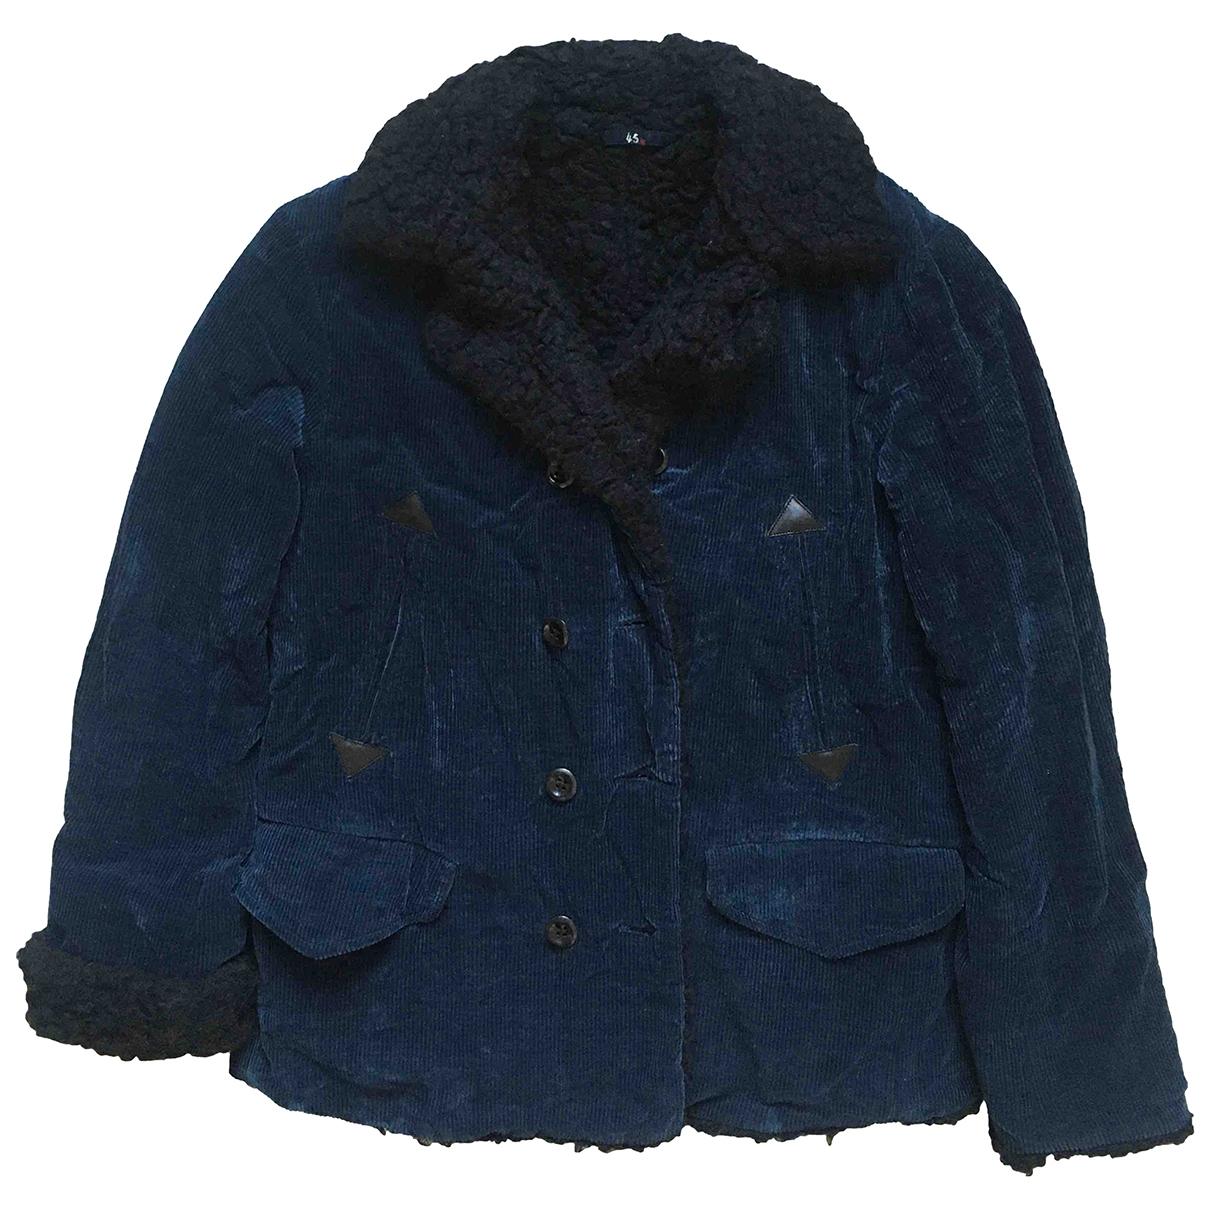 R By 45 Rpm - Manteau   pour homme en coton - marine